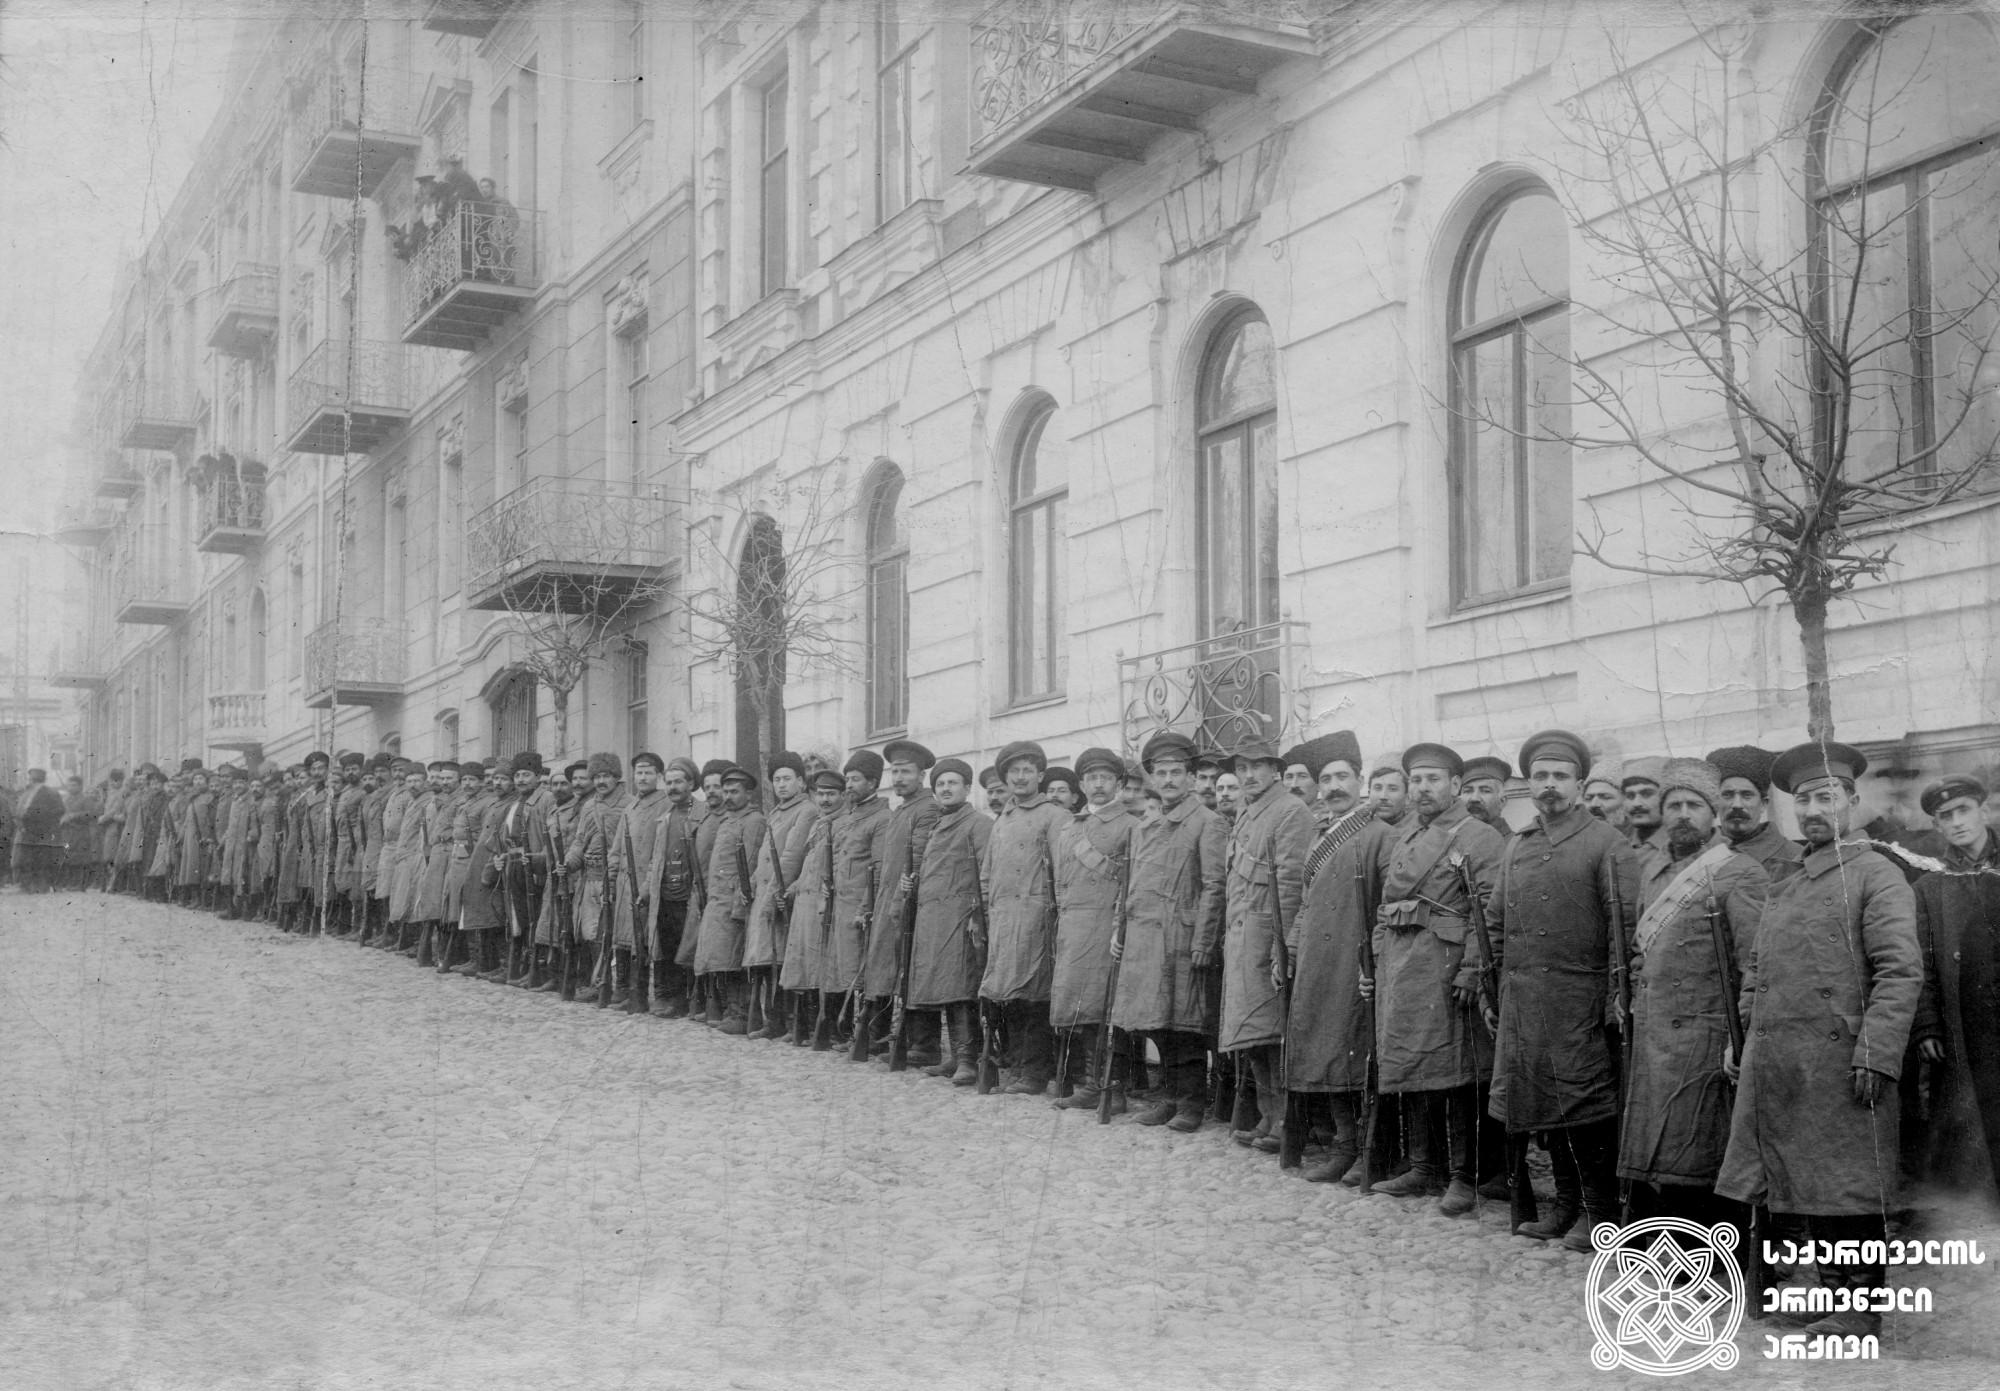 მობილიზებული ჯარისკაცები და სახალხო გვარდიელები ფრონტისკენ მიემგზავრებიან. <br> თბილისი, 1921 წელი. <br> Mobilized soldiers and People's Guardsmen are marching to the front. <br> Tbilisi, 1921.